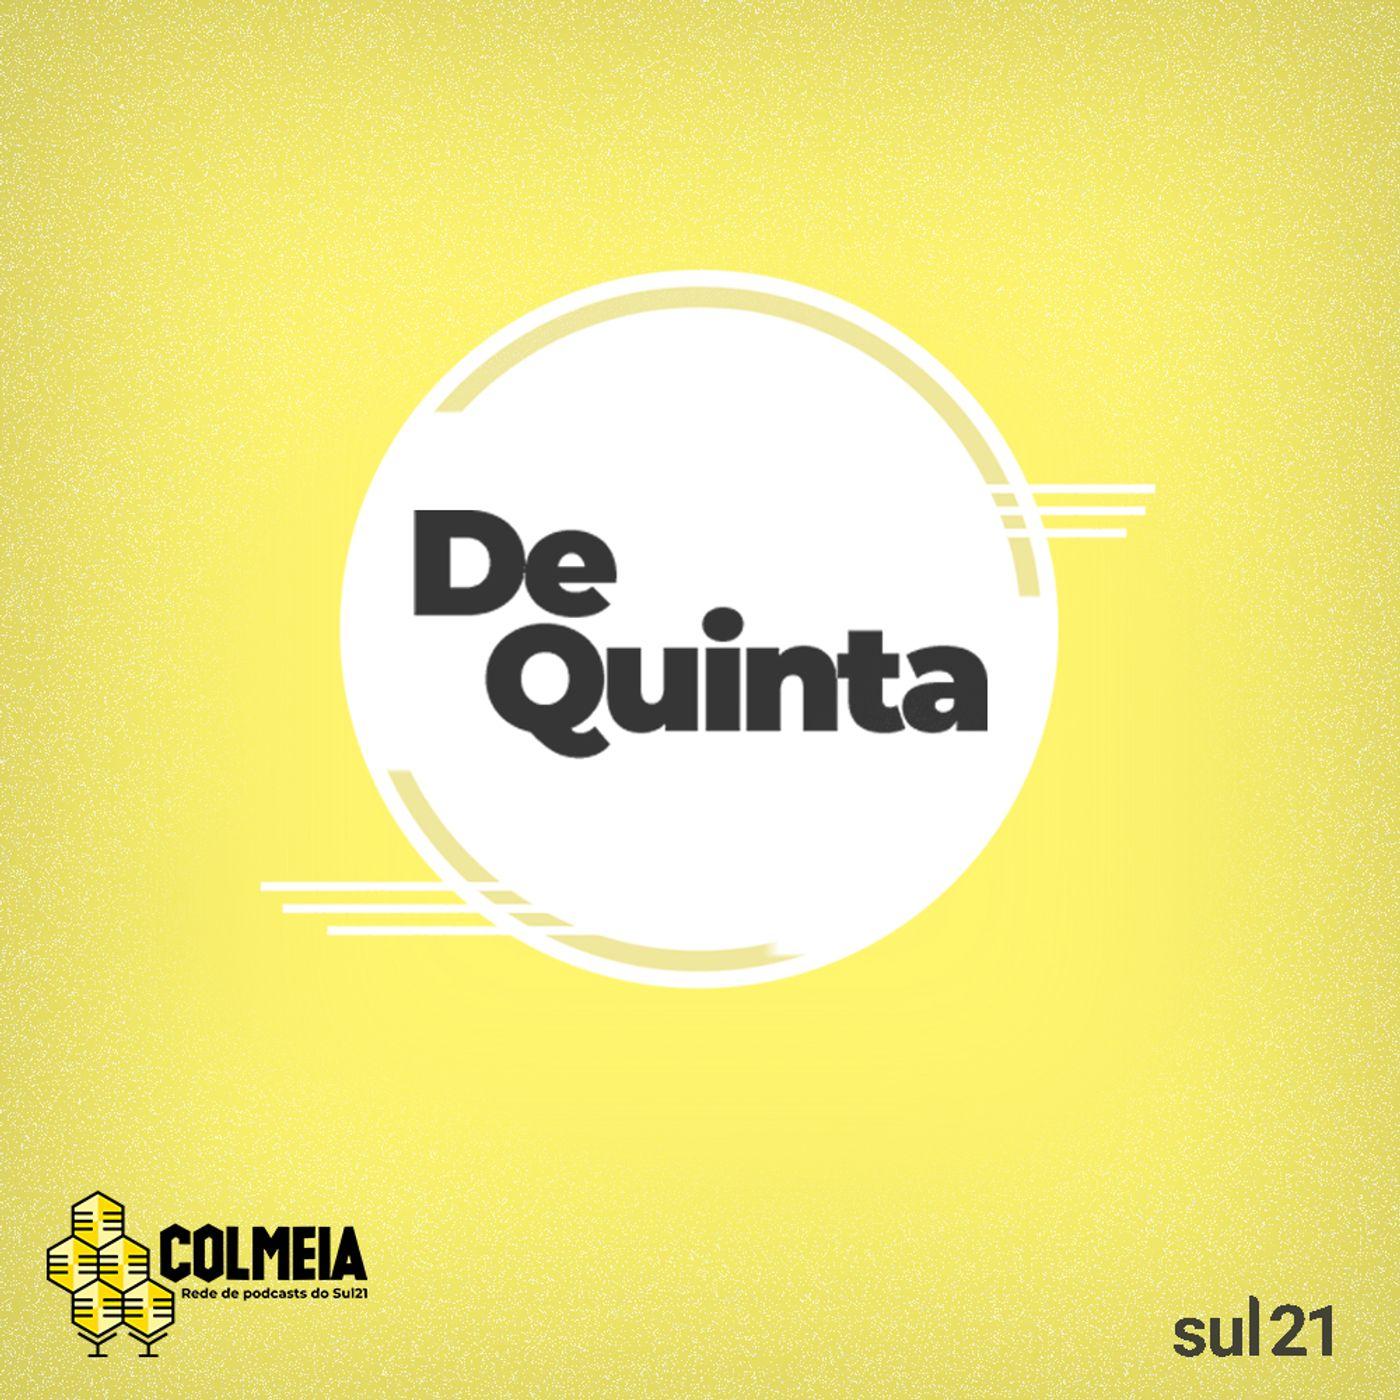 De Quinta